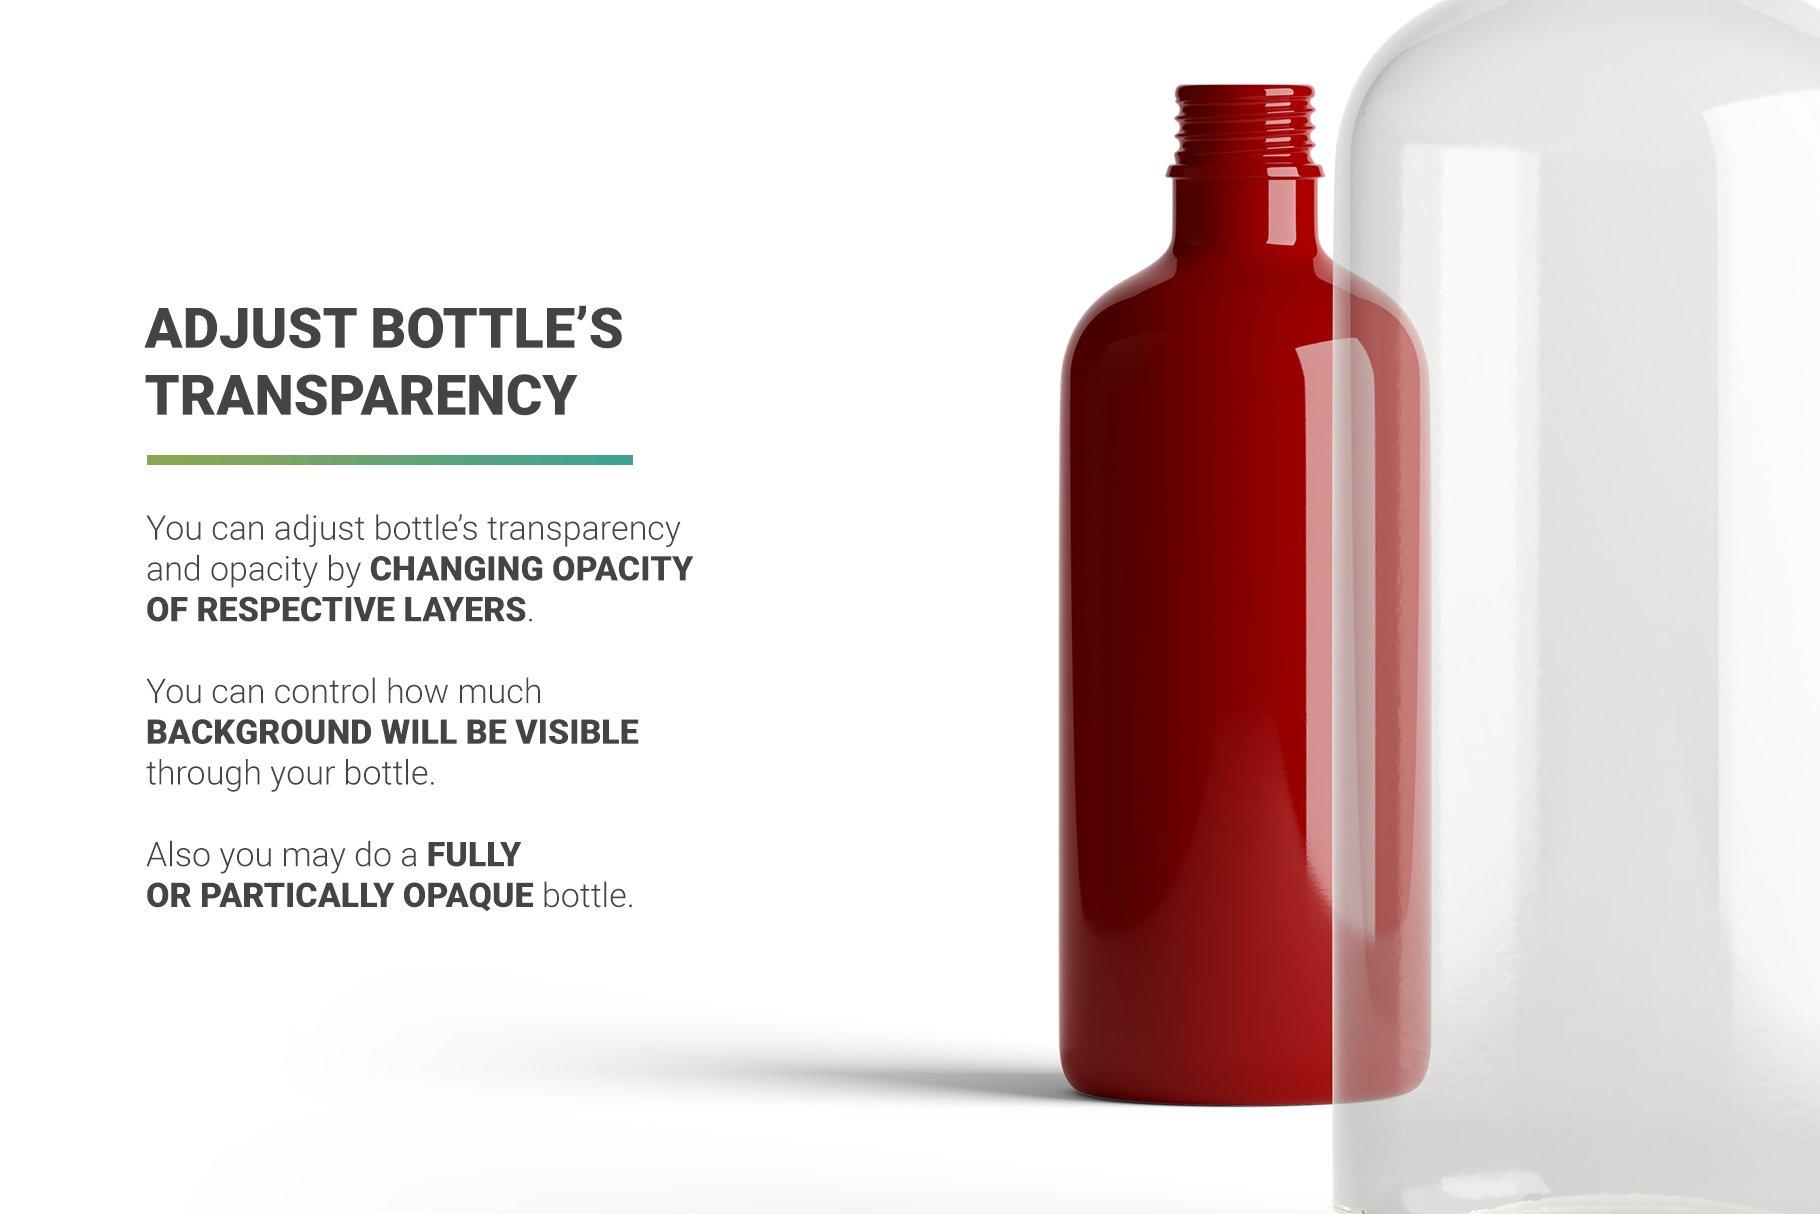 透明果汁玻璃瓶设计展示样机 Juice Bottle Mockup插图(8)